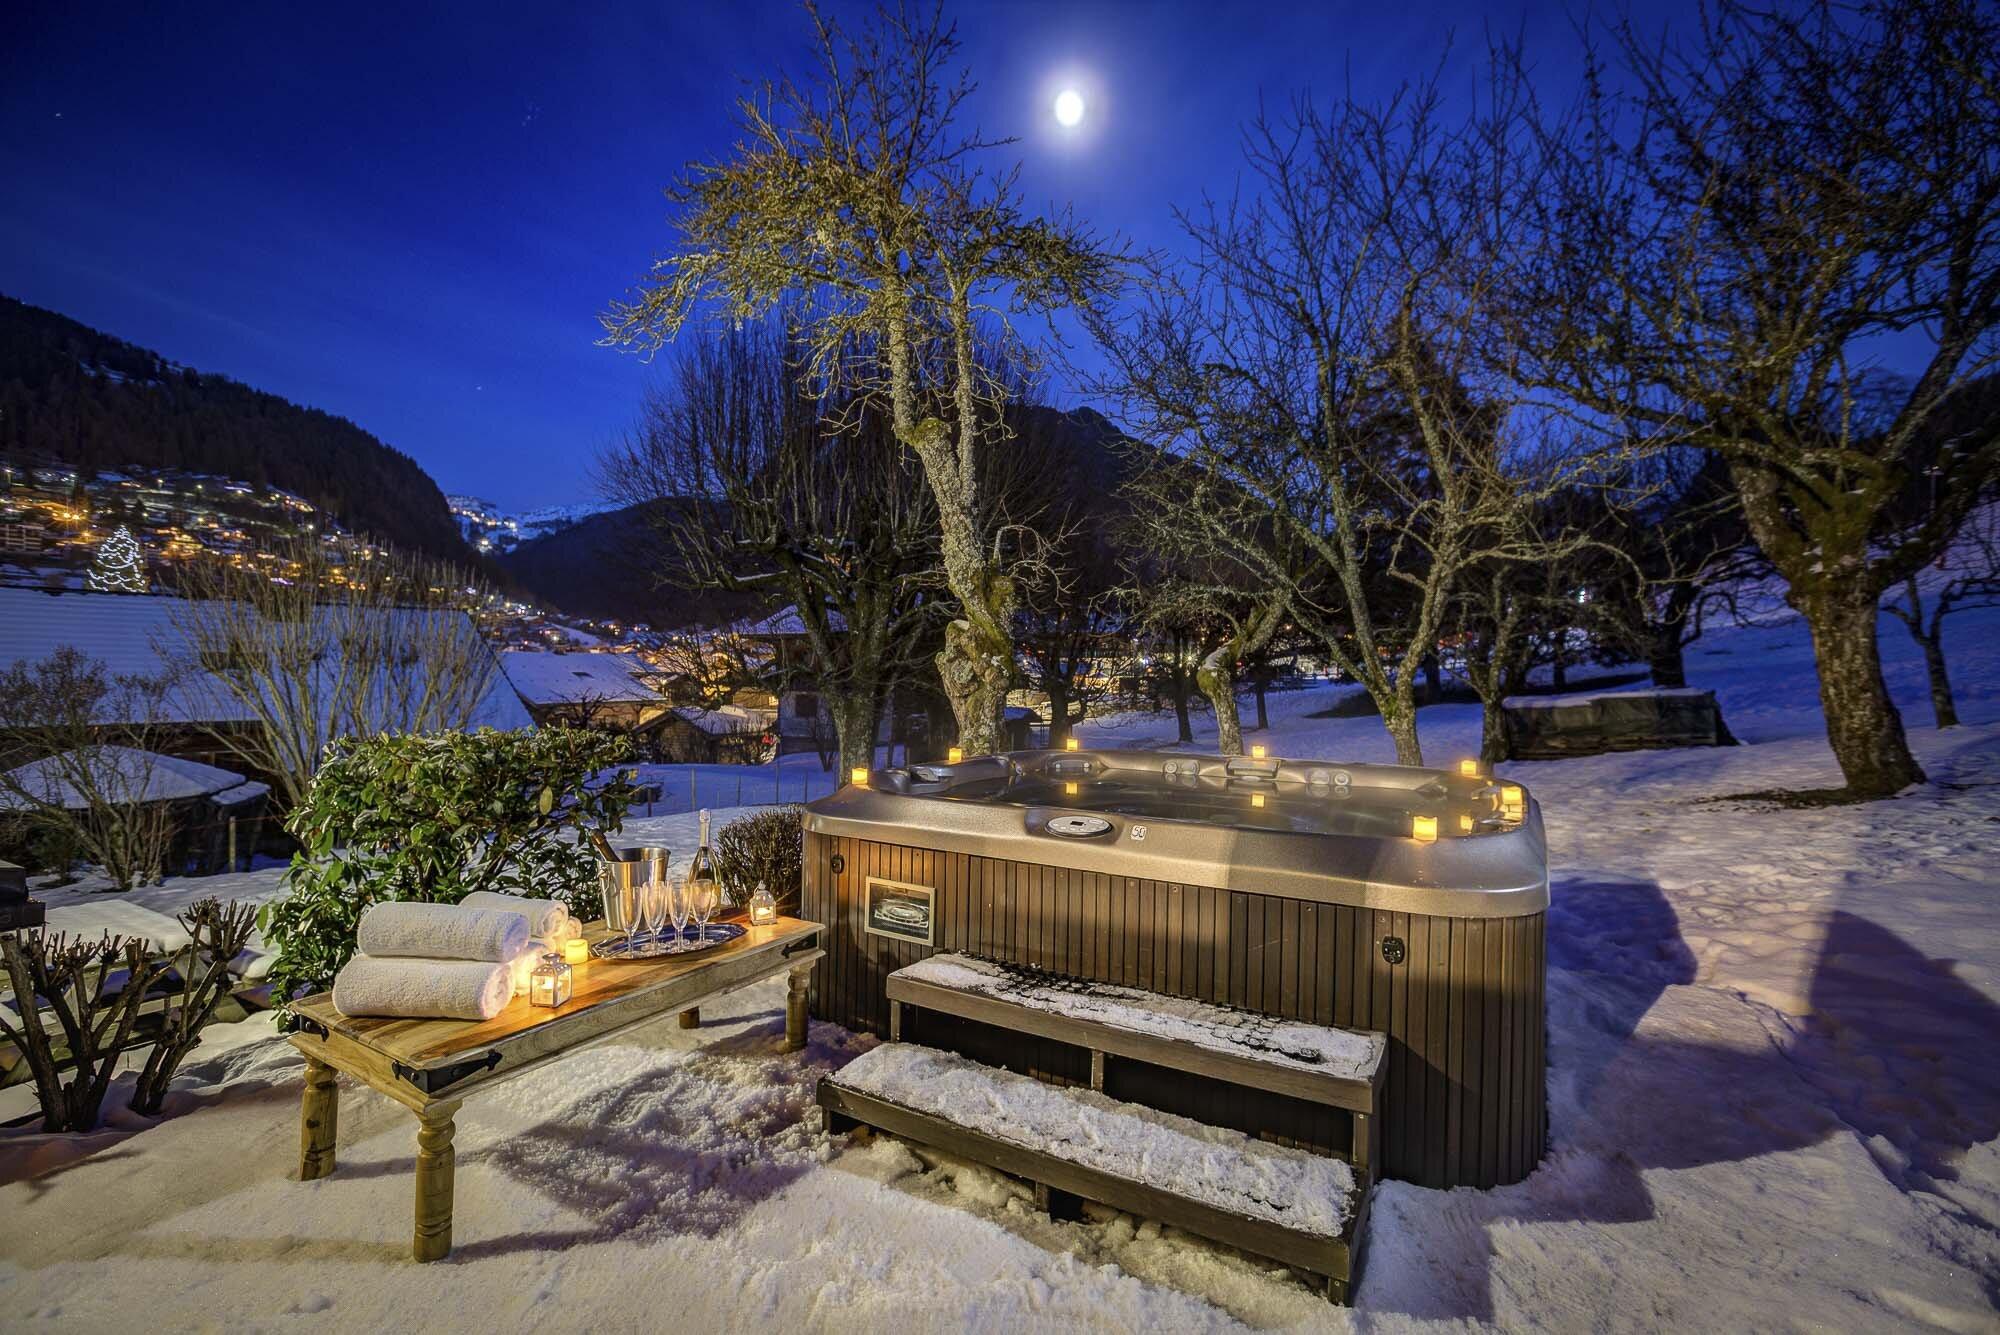 tg-ski-chalet-du-bois-morzine-021.jpg